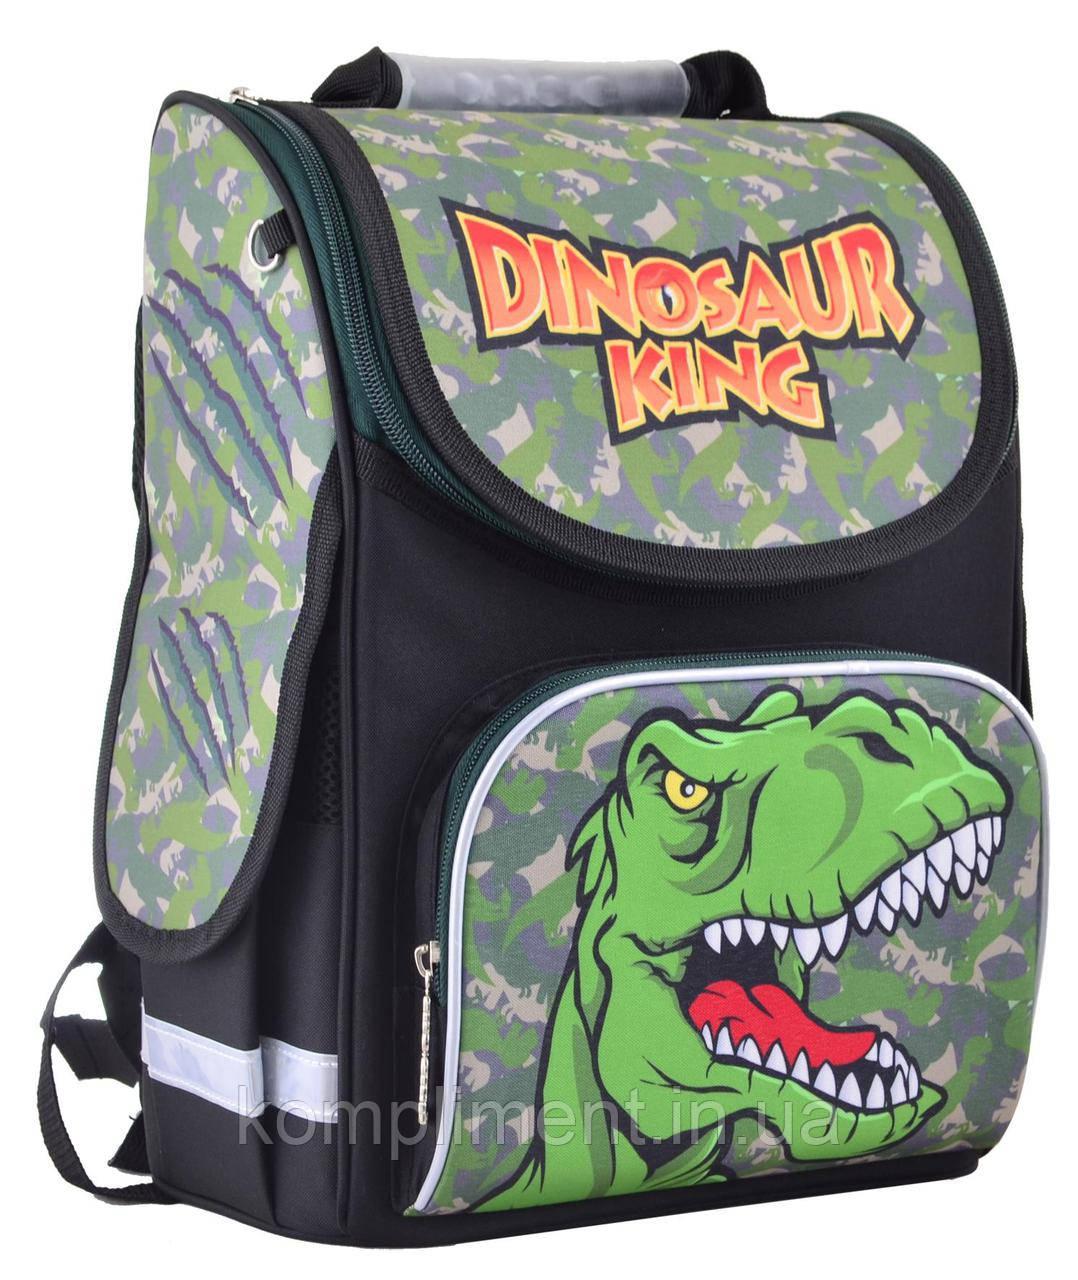 Рюкзак школьный каркасный ортопедический  PG-11 Dinosaur, 31*26*14, SMART